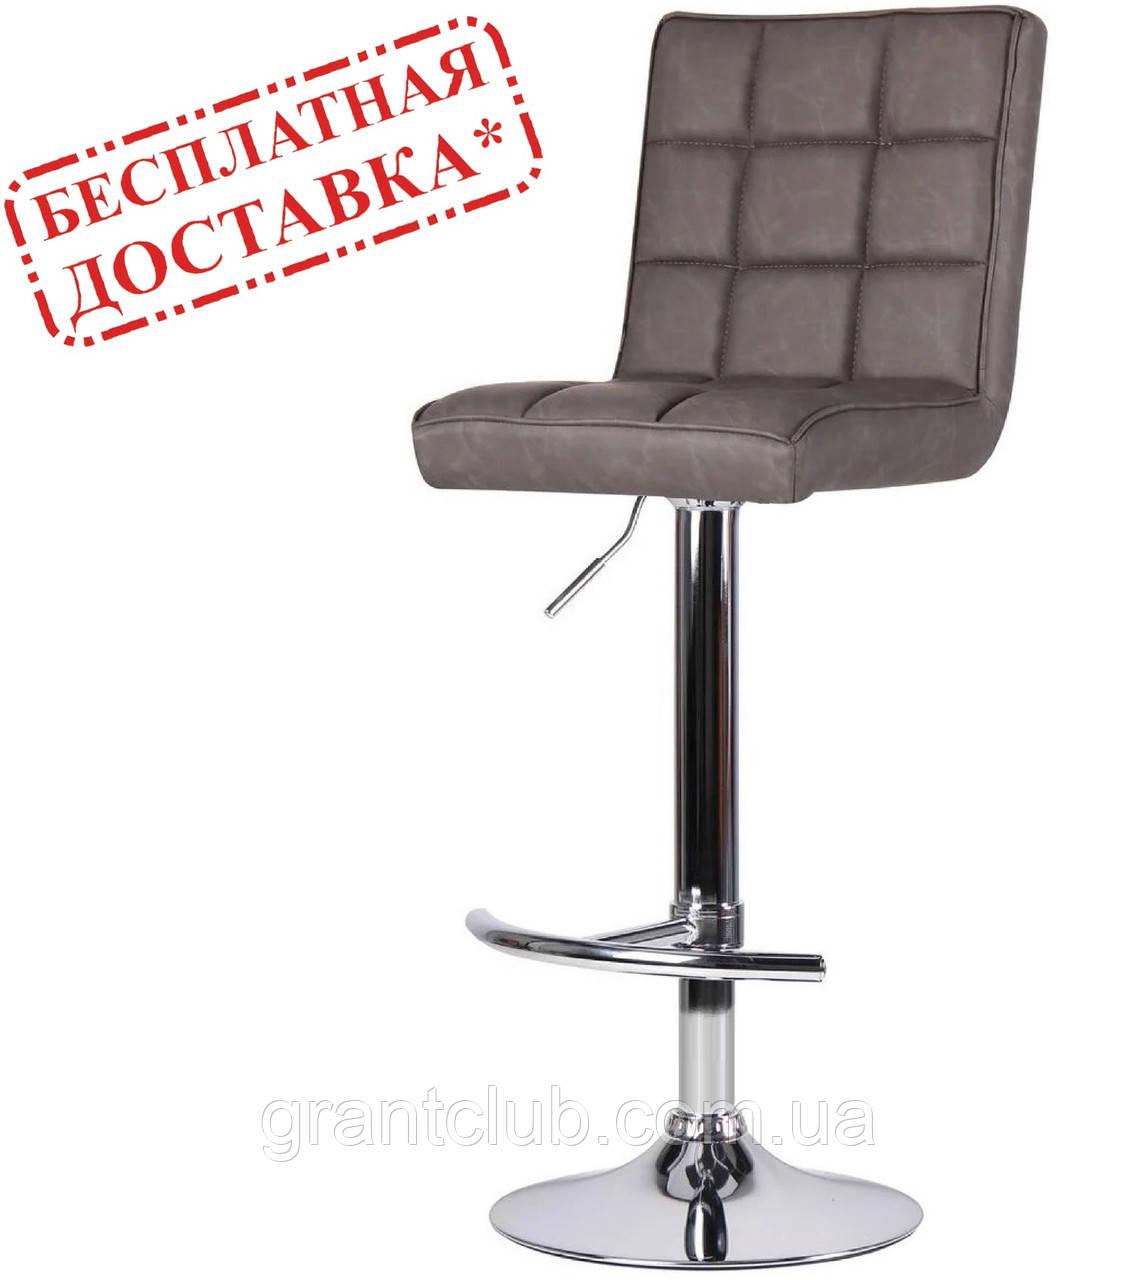 Стул барный хокер ВЕРСАЛЬ WAX Dark Grey кожзам AMF (бесплатная адресная доставка)